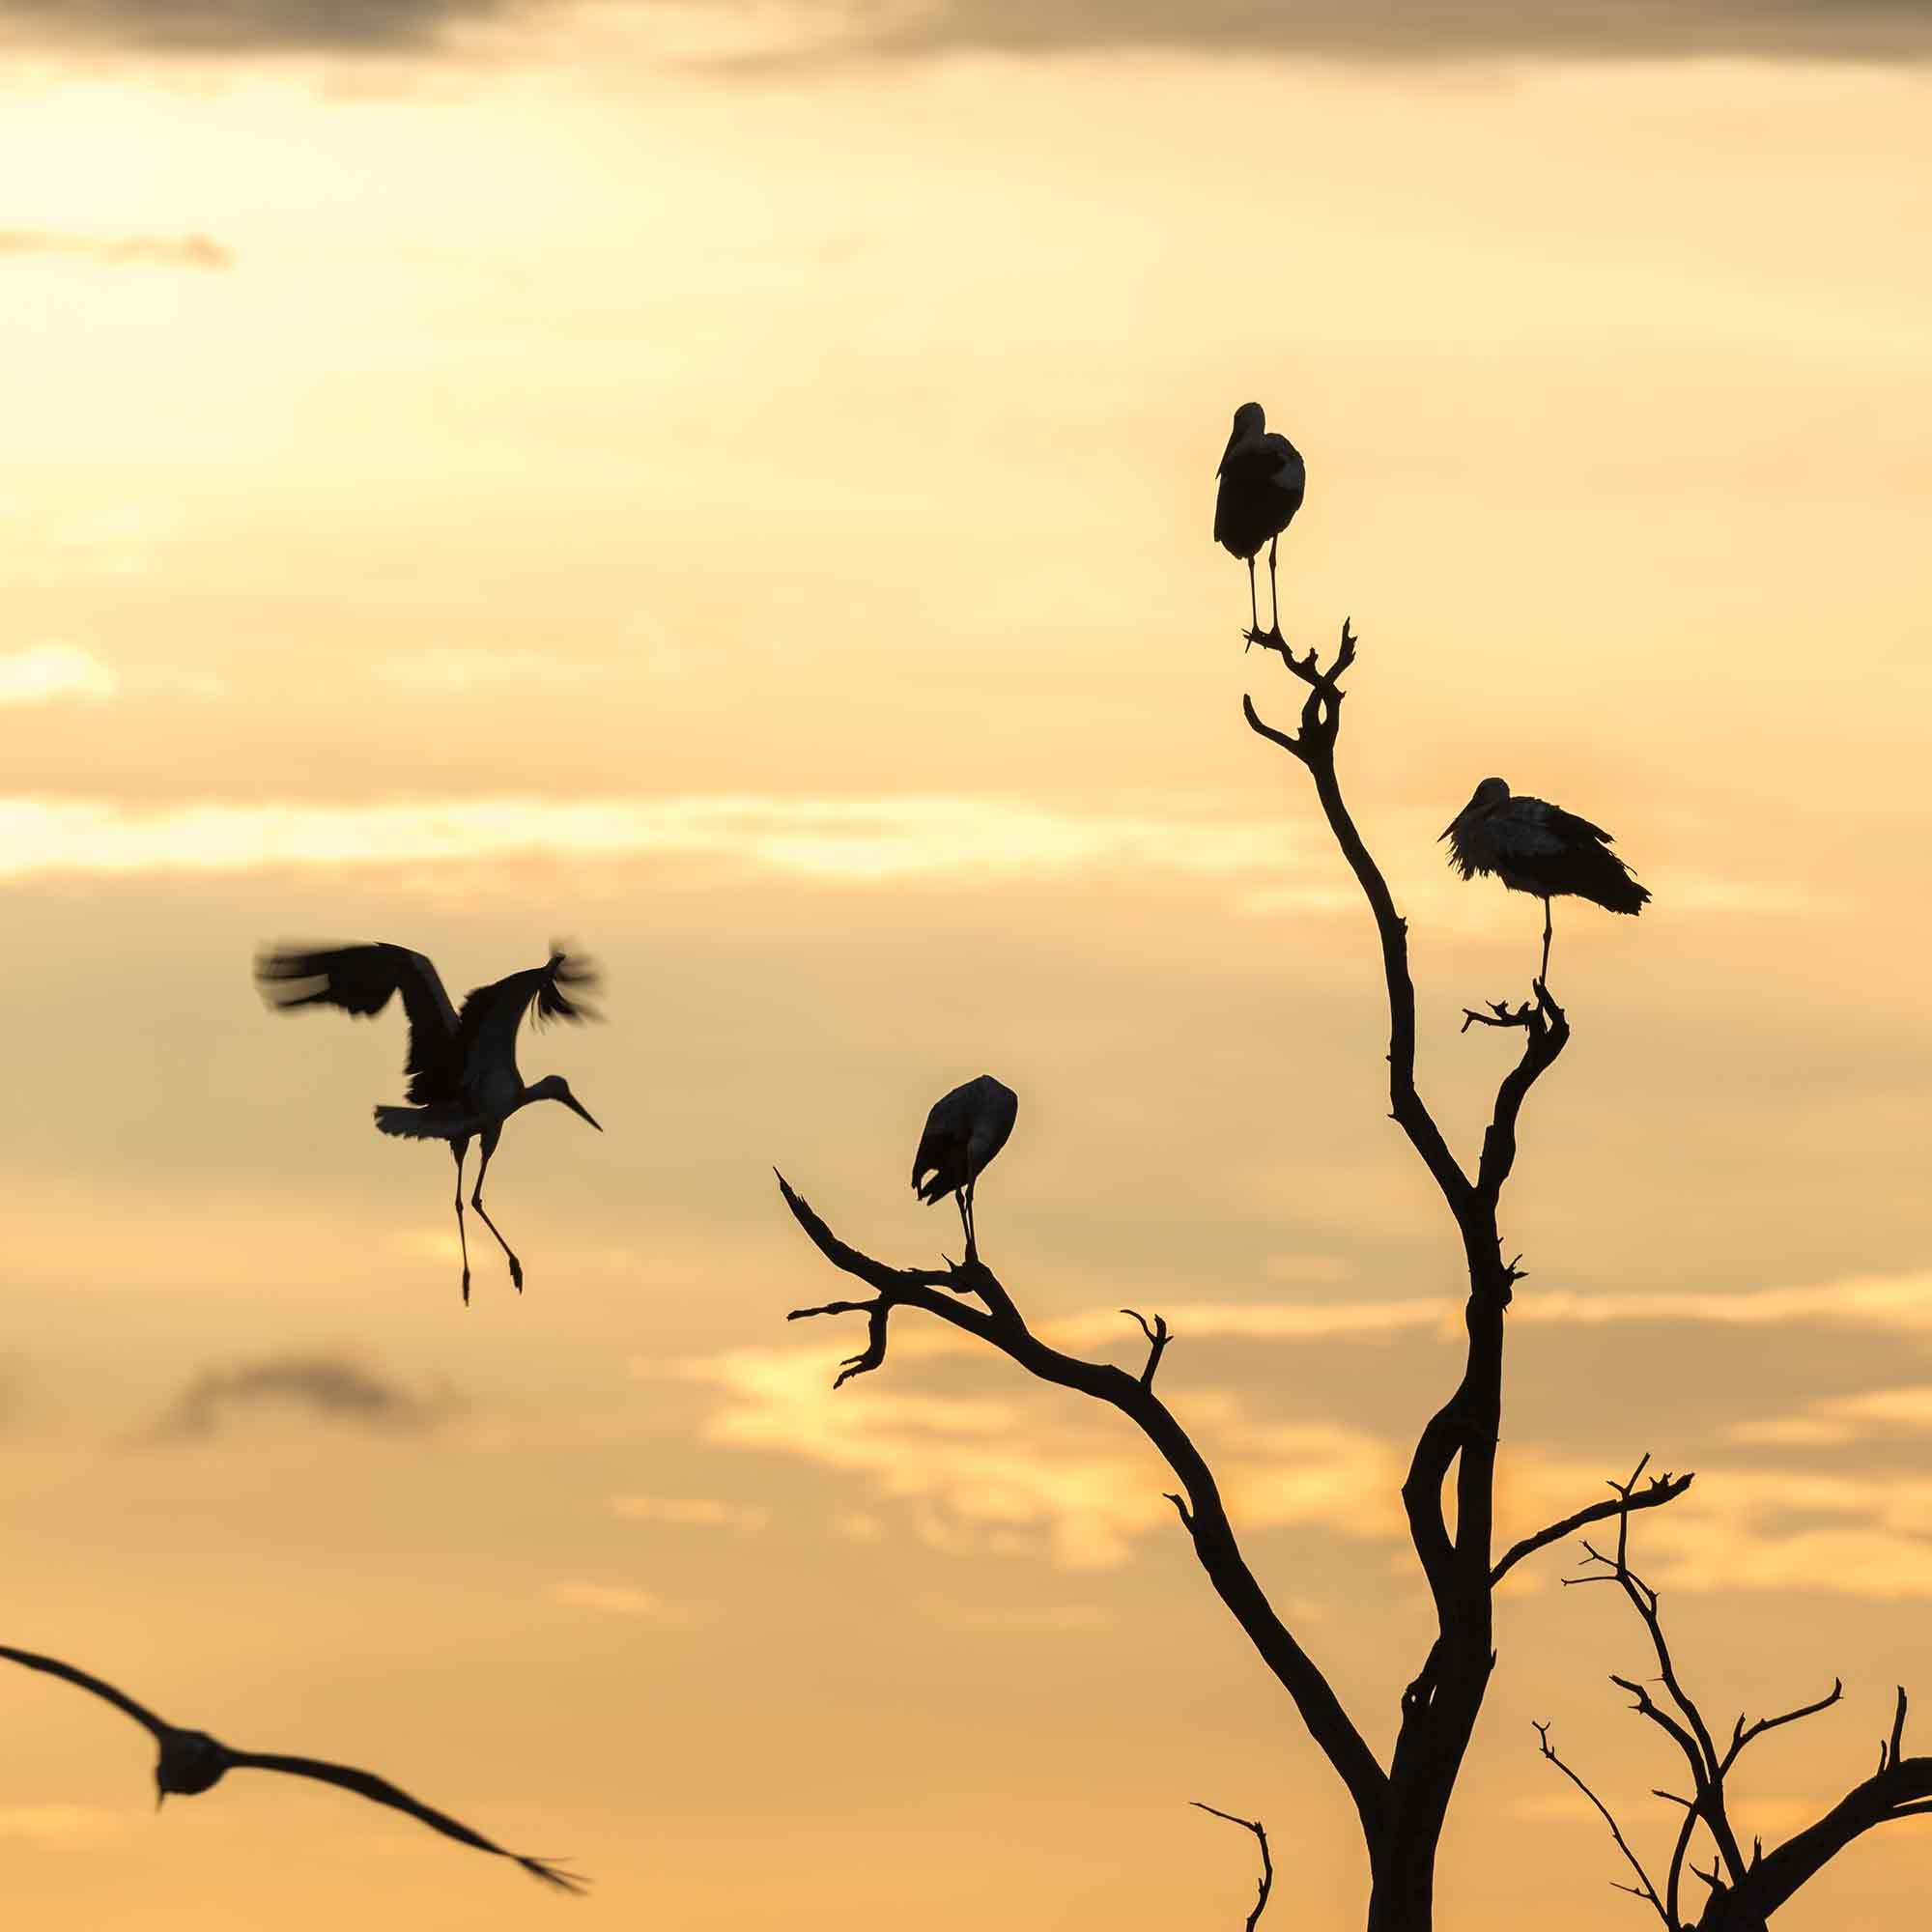 Vögel fliegen nach Hause in ihr Nest